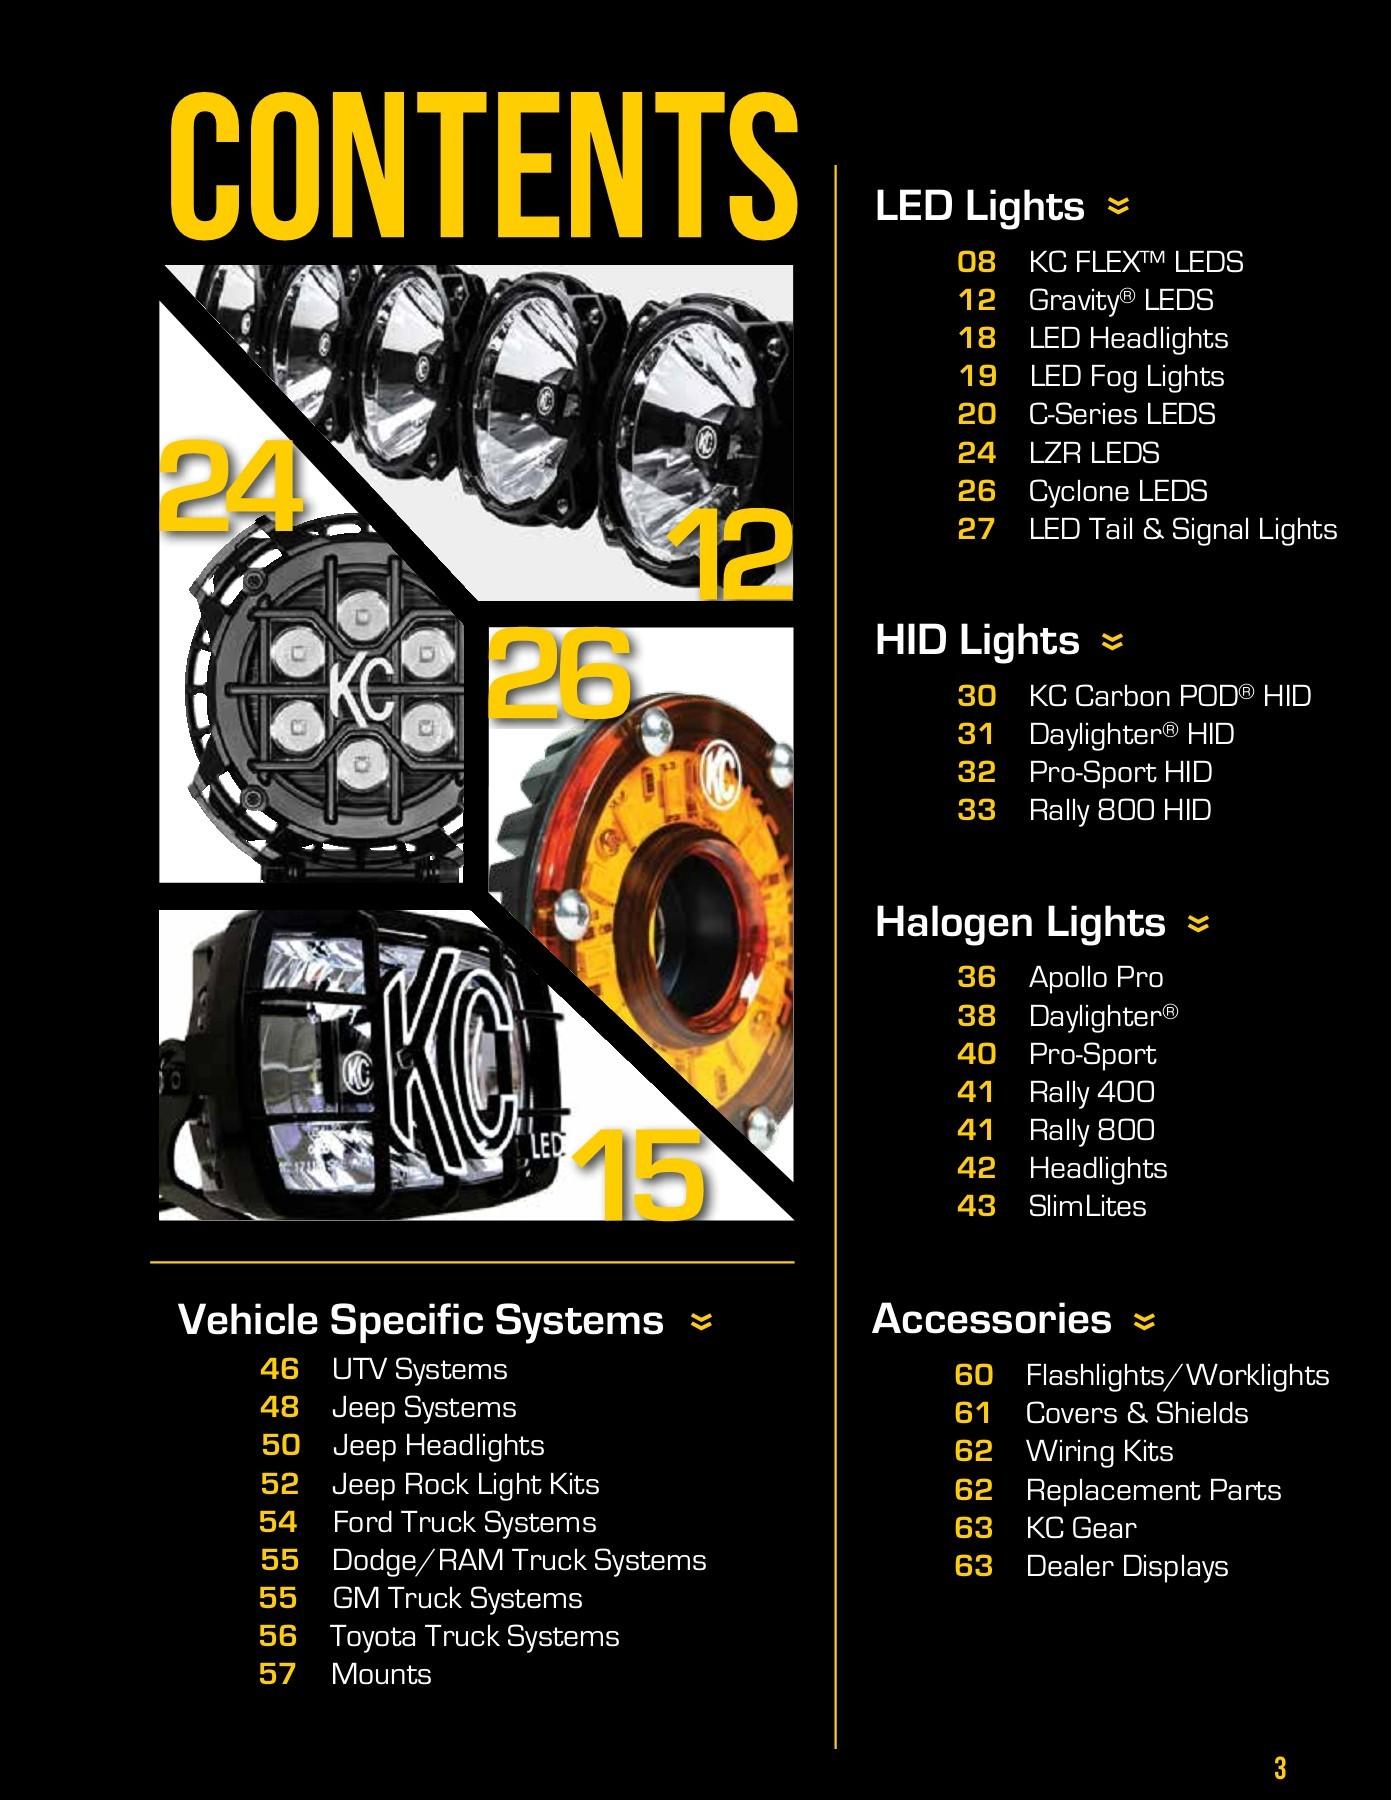 Kc Apollo Pro Wiring Diagram. . Wiring Diagram on